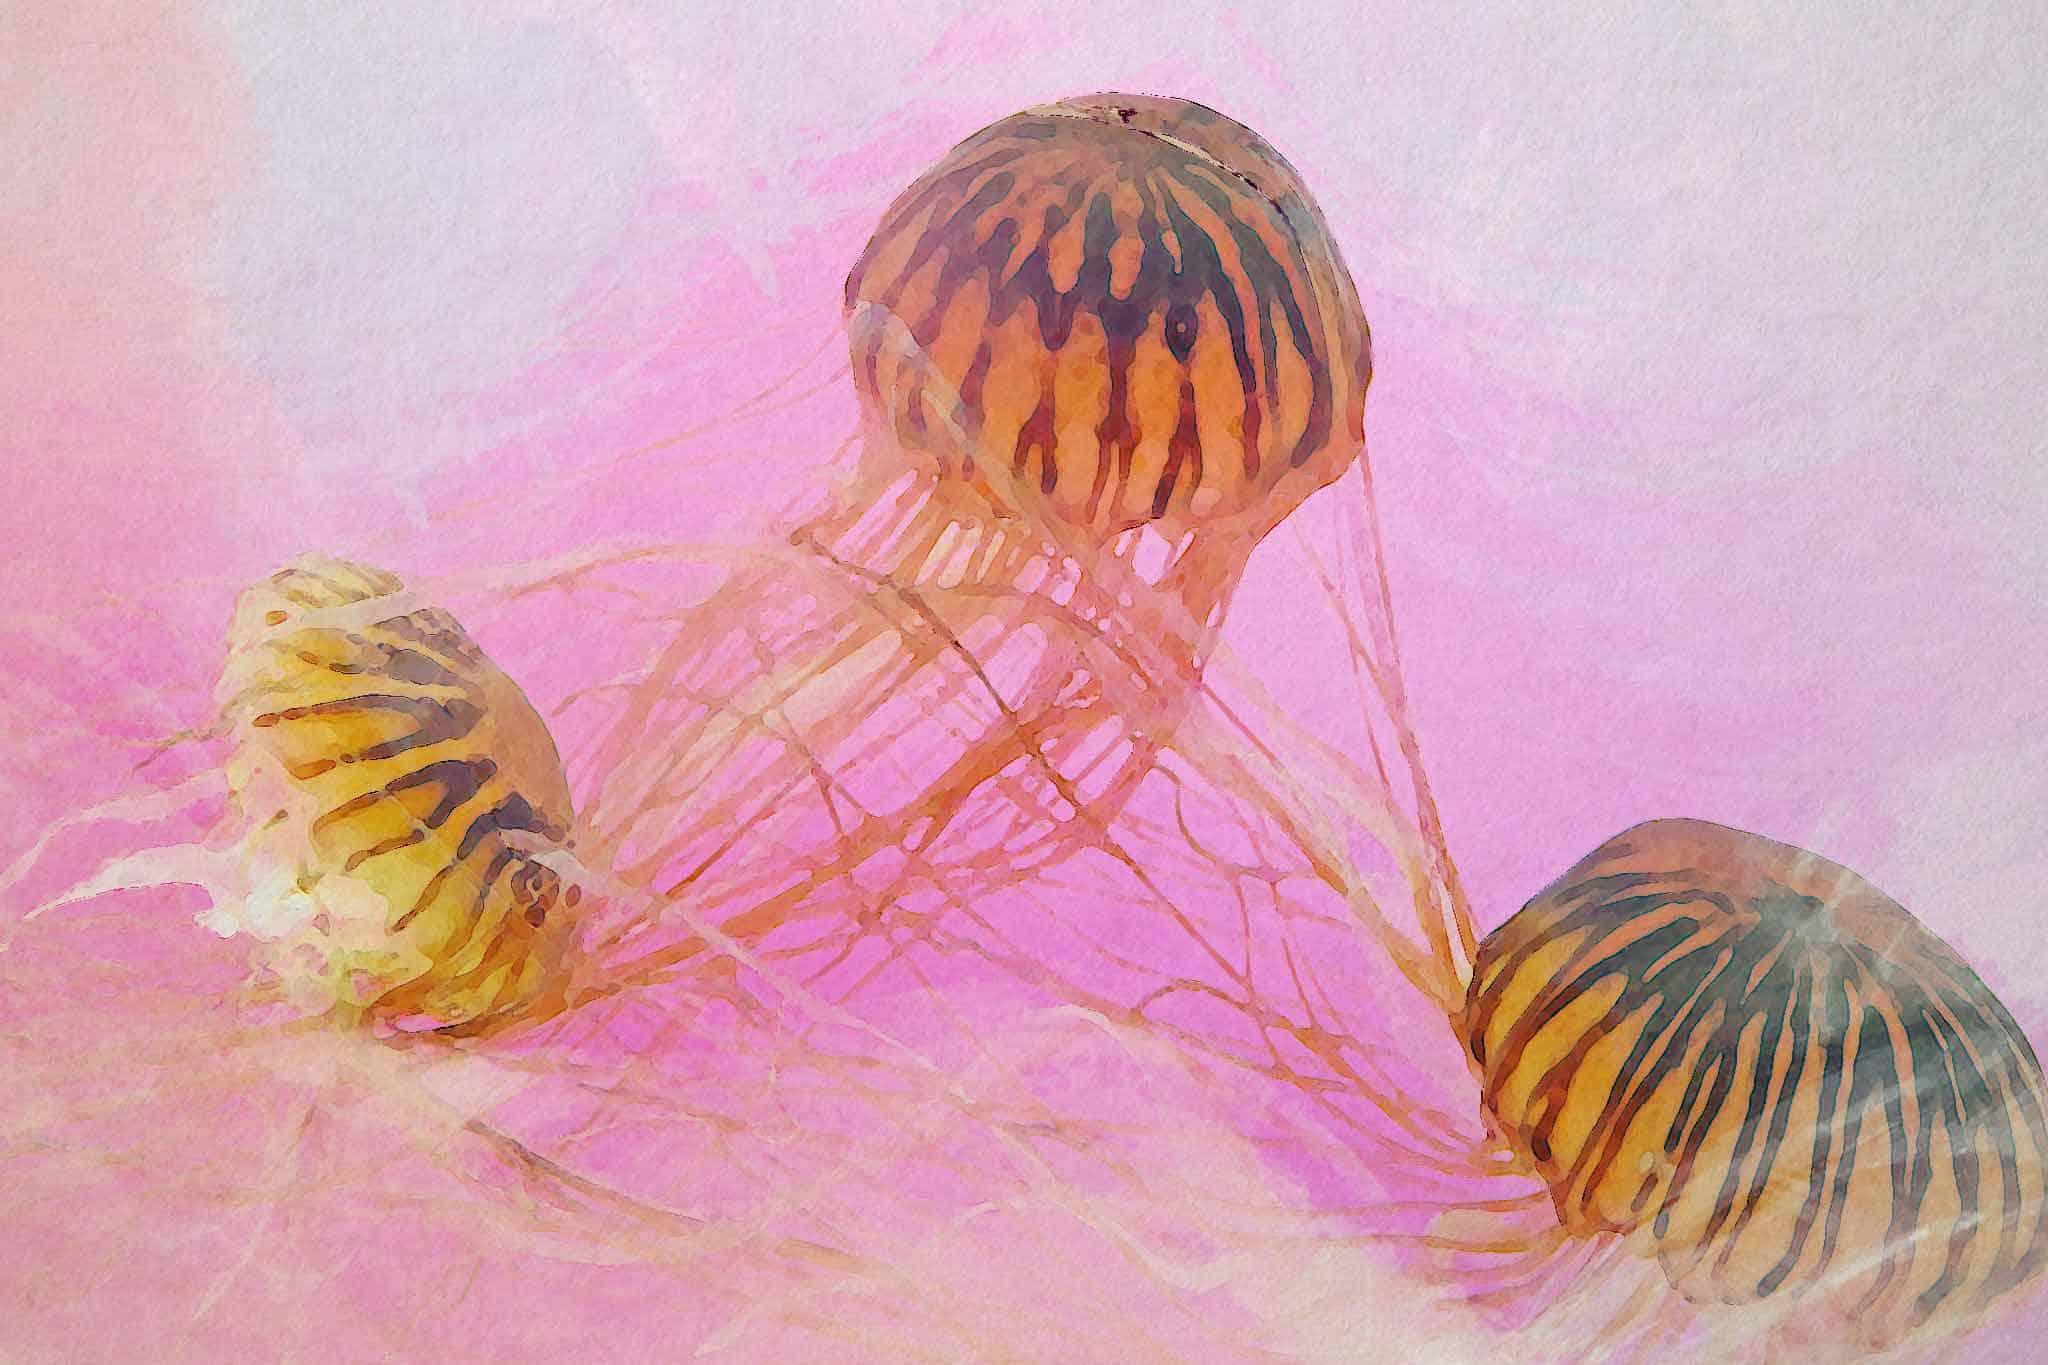 jellyfish pink yellow